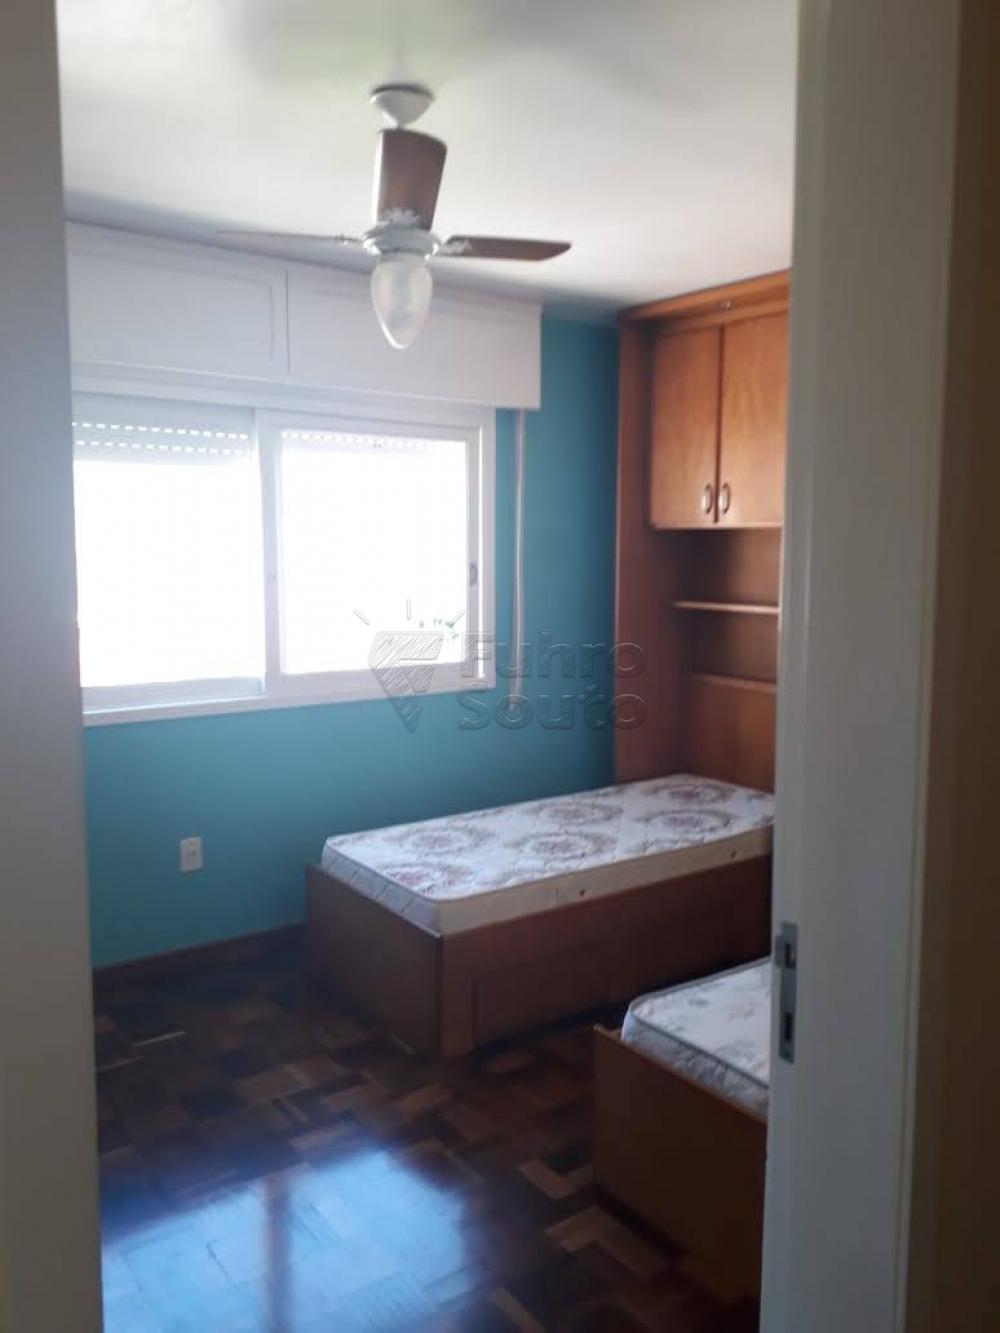 Comprar Apartamento / Padrão em Pelotas R$ 340.000,00 - Foto 11